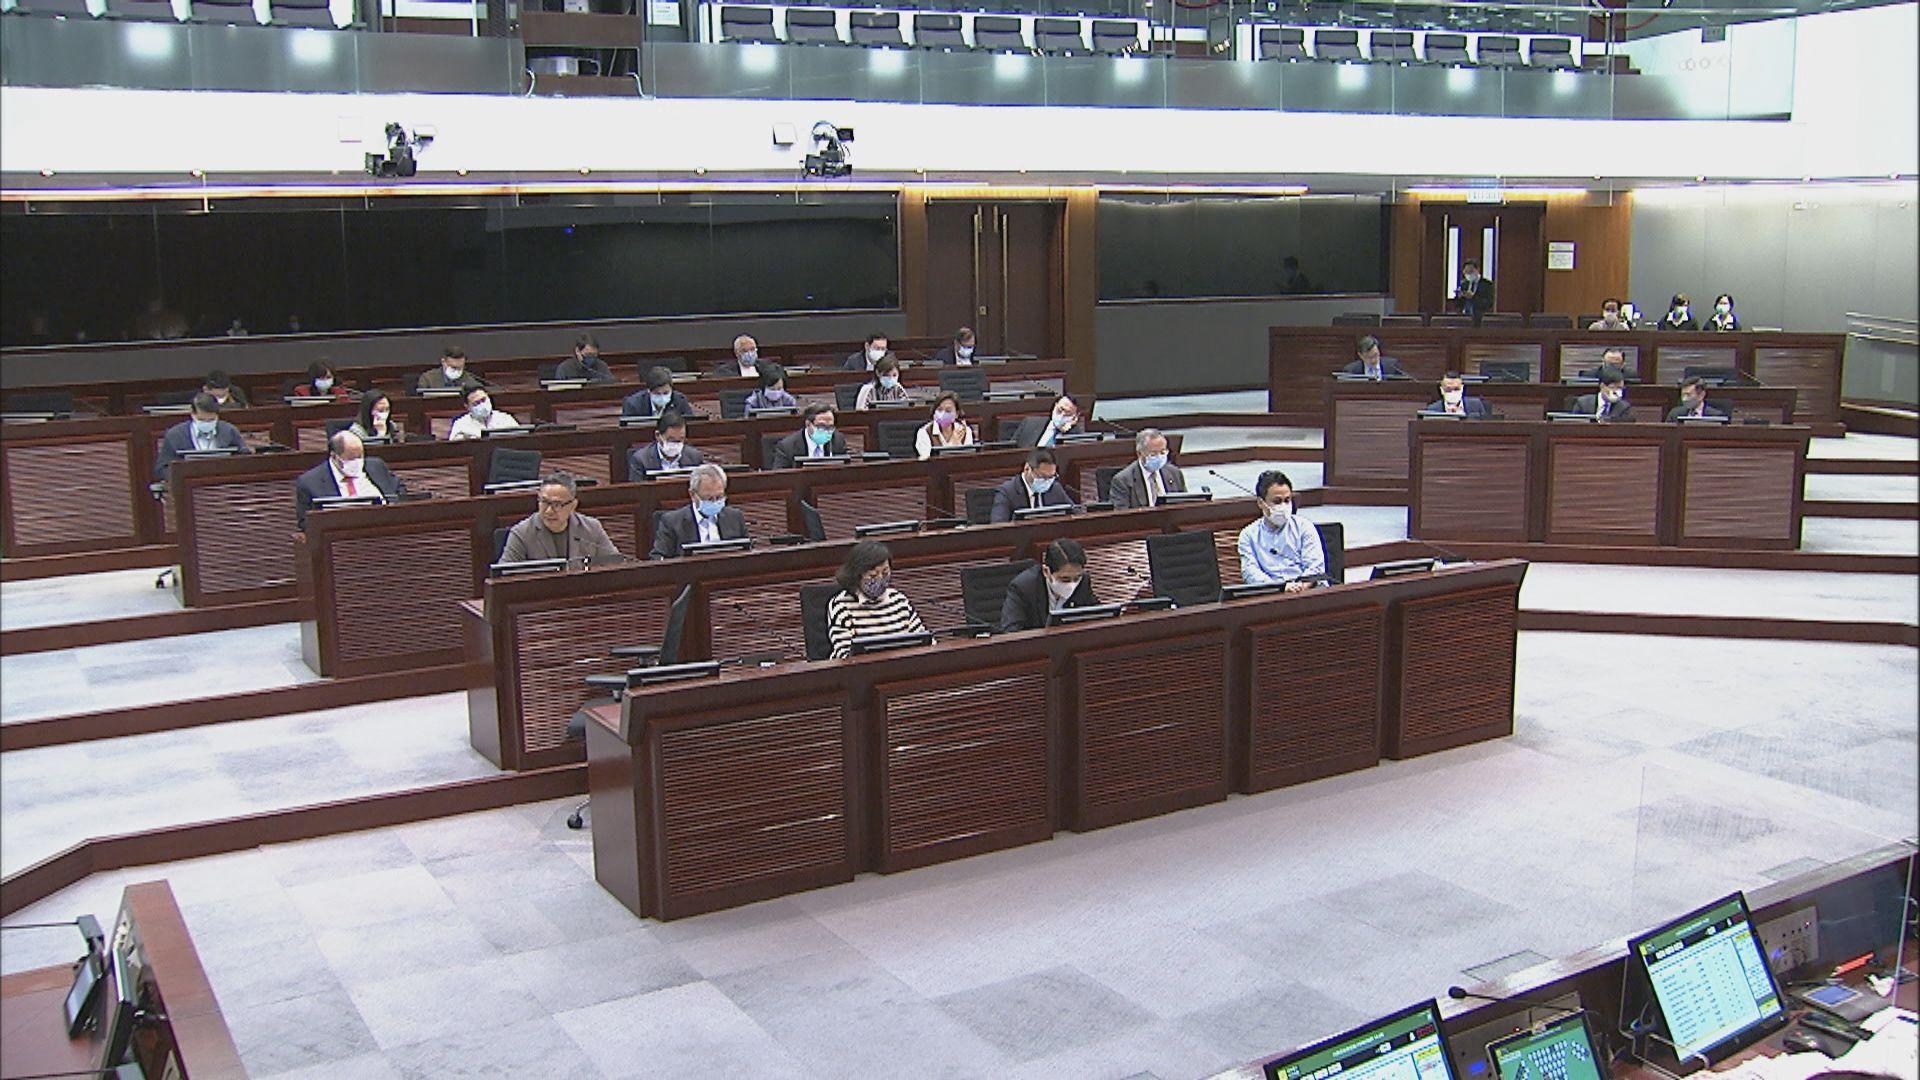 立法會內會通過成立小組委員會討論修改選舉制度